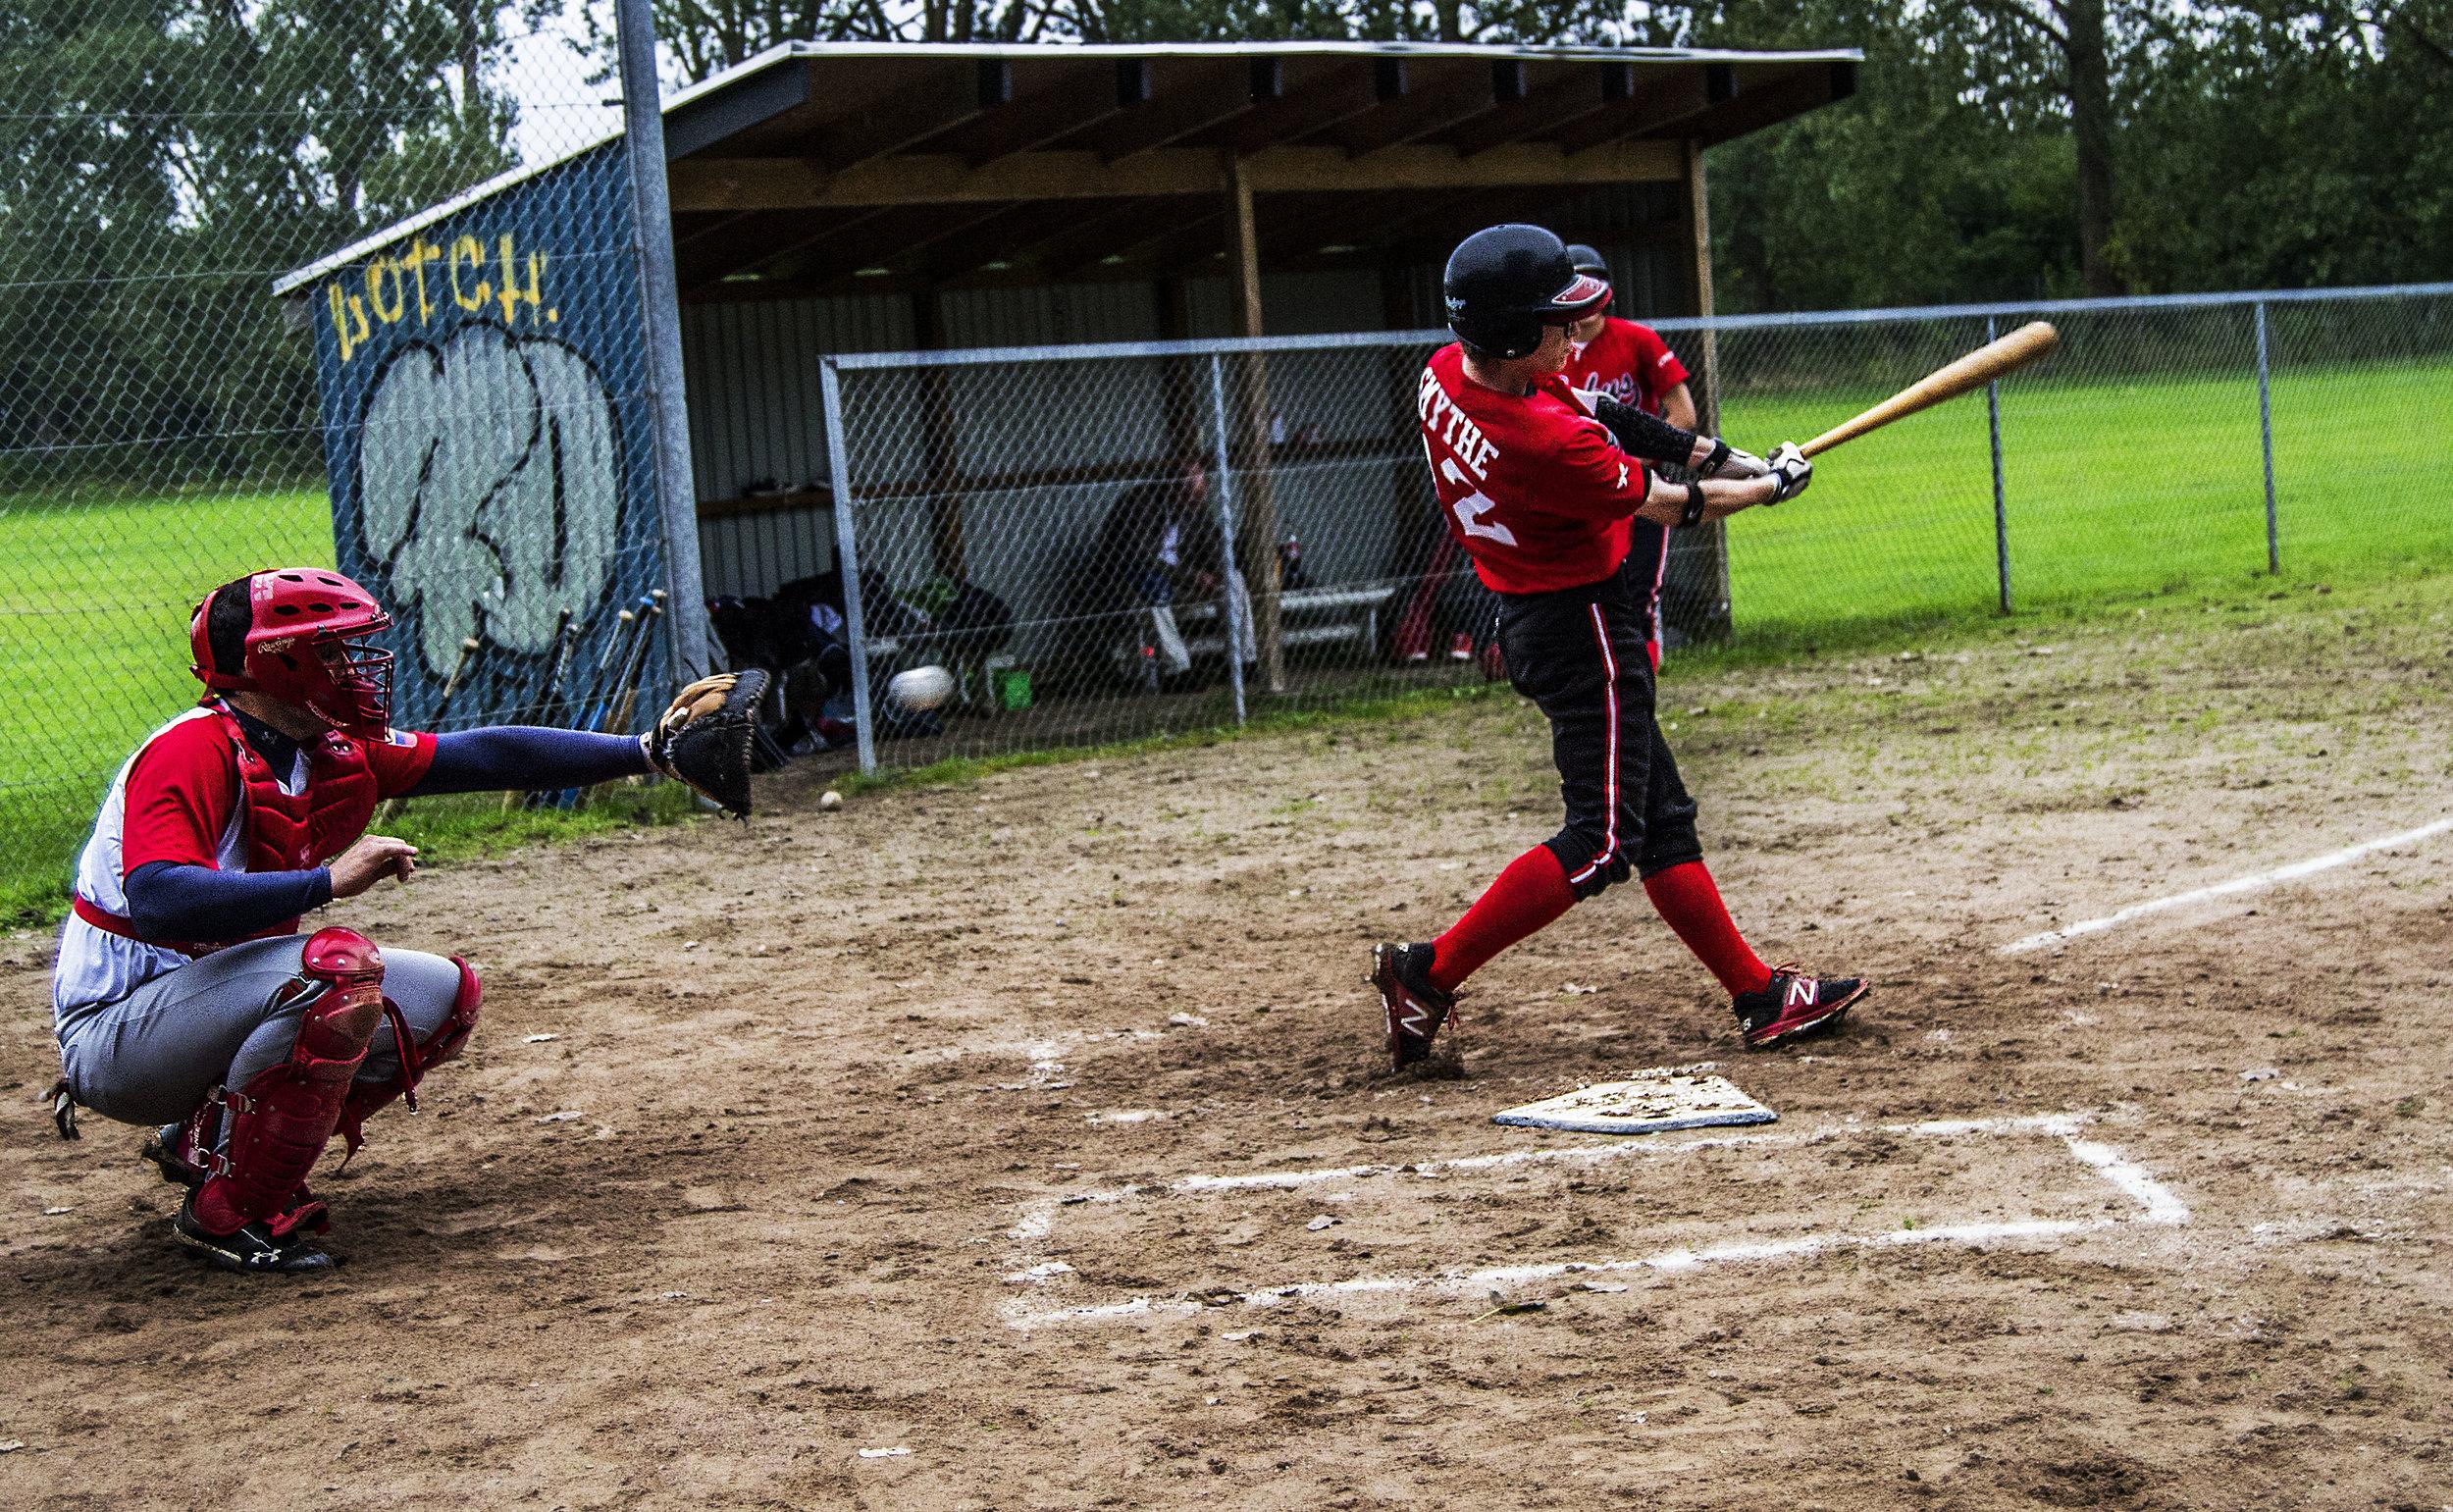 Århus Baseball Softball Klub - Andy Smythe